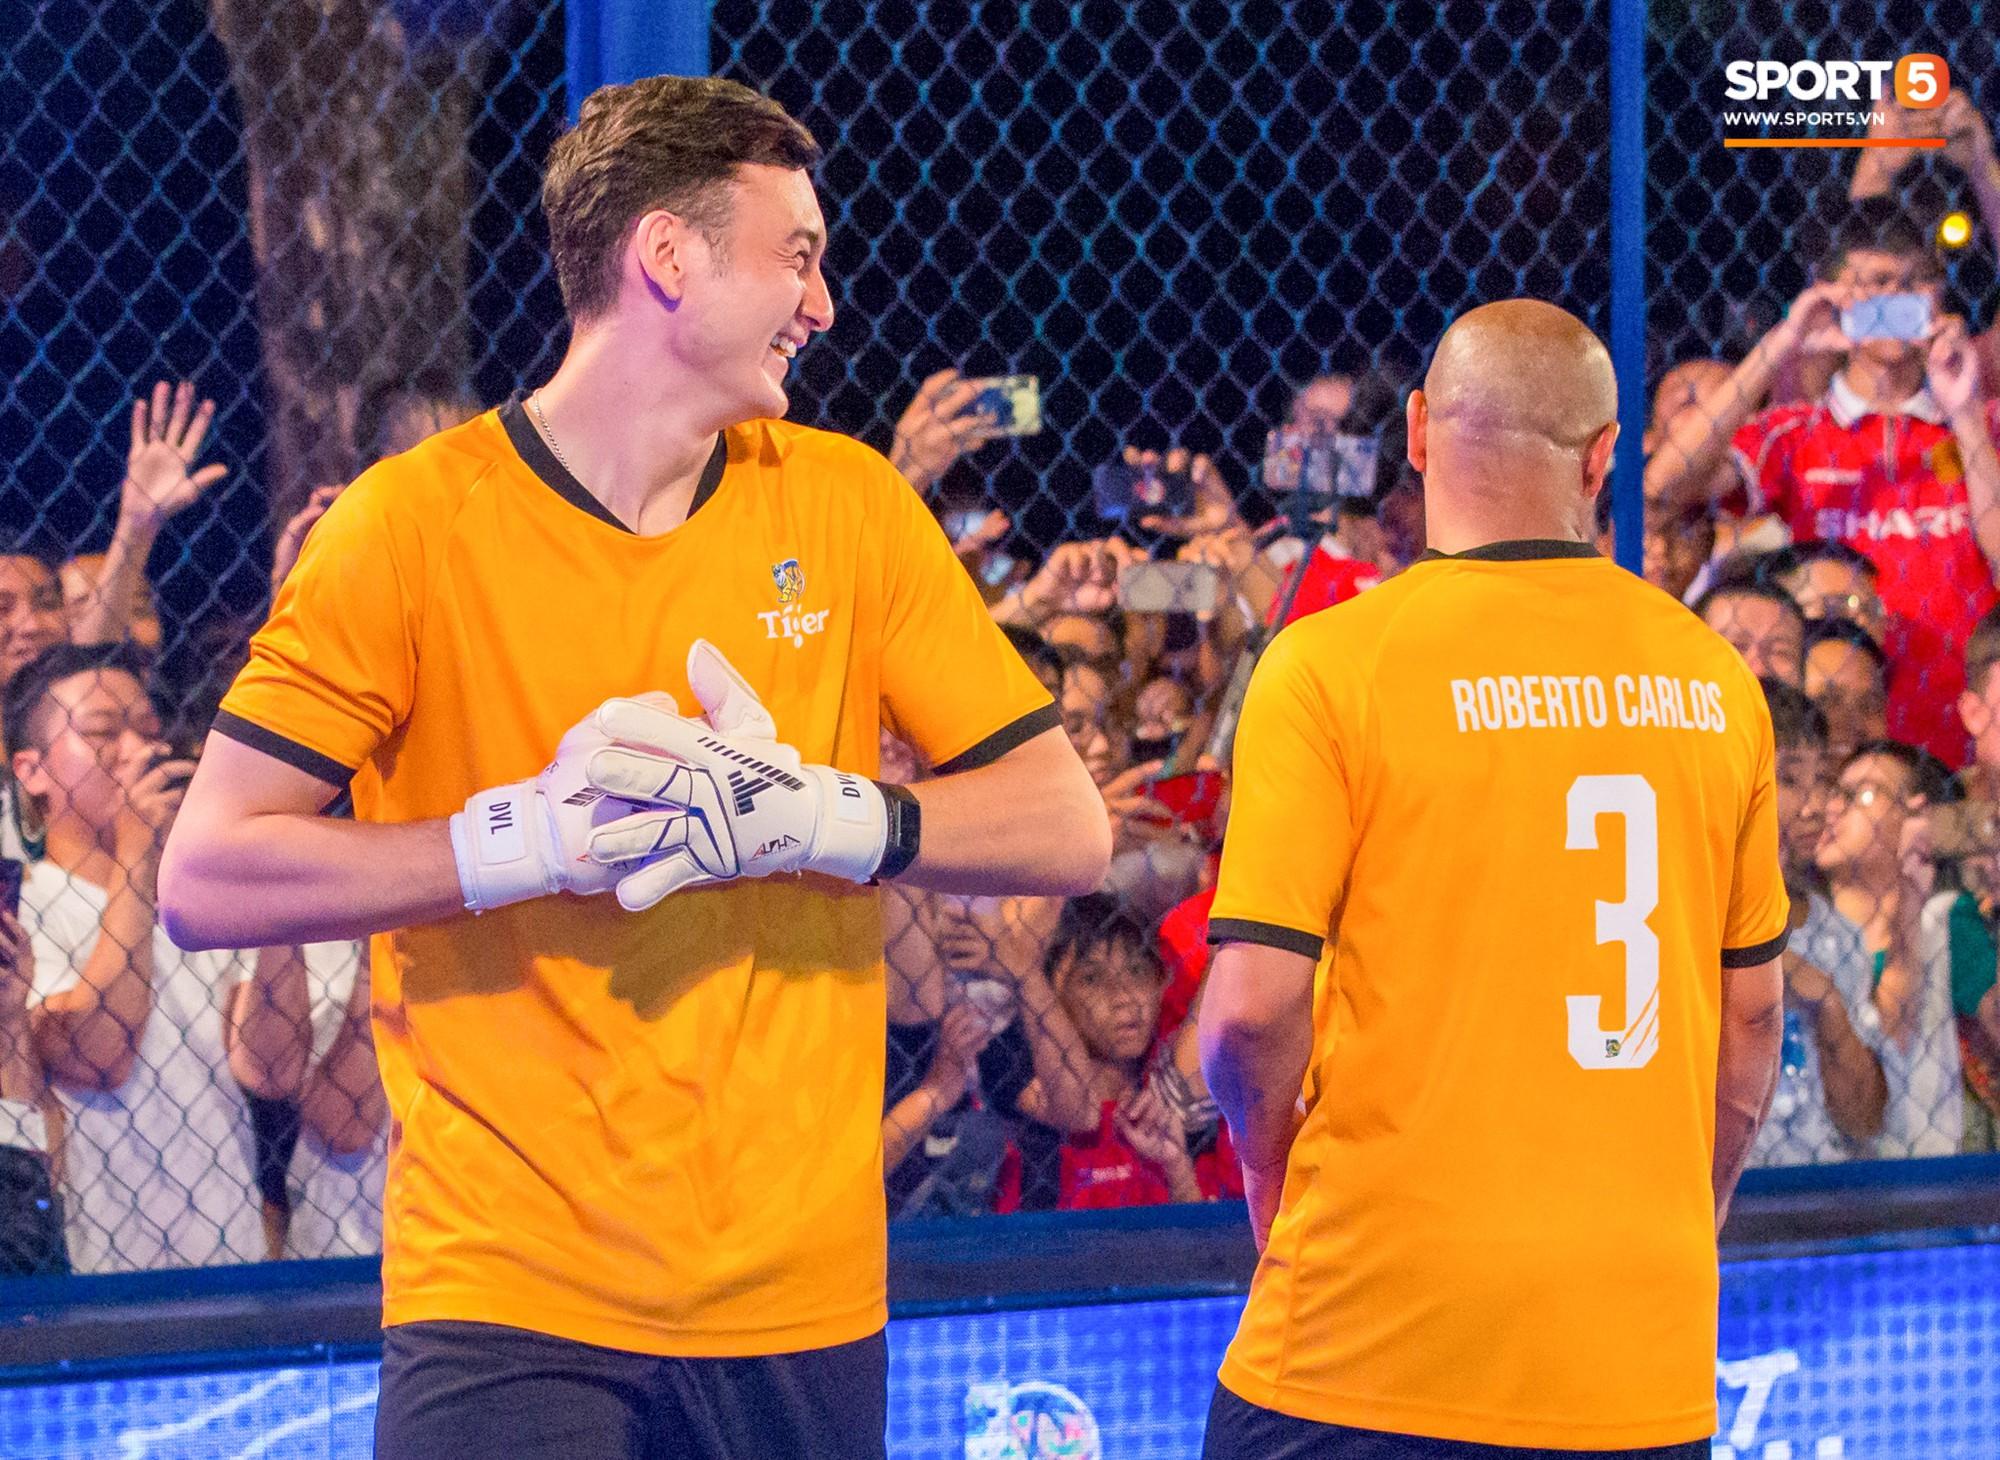 Phát sốt với khoảnh khắc huyền thoại bóng đá thế giới bày trò trêu khiến Lâm Tây cười như được mùa - Ảnh 4.